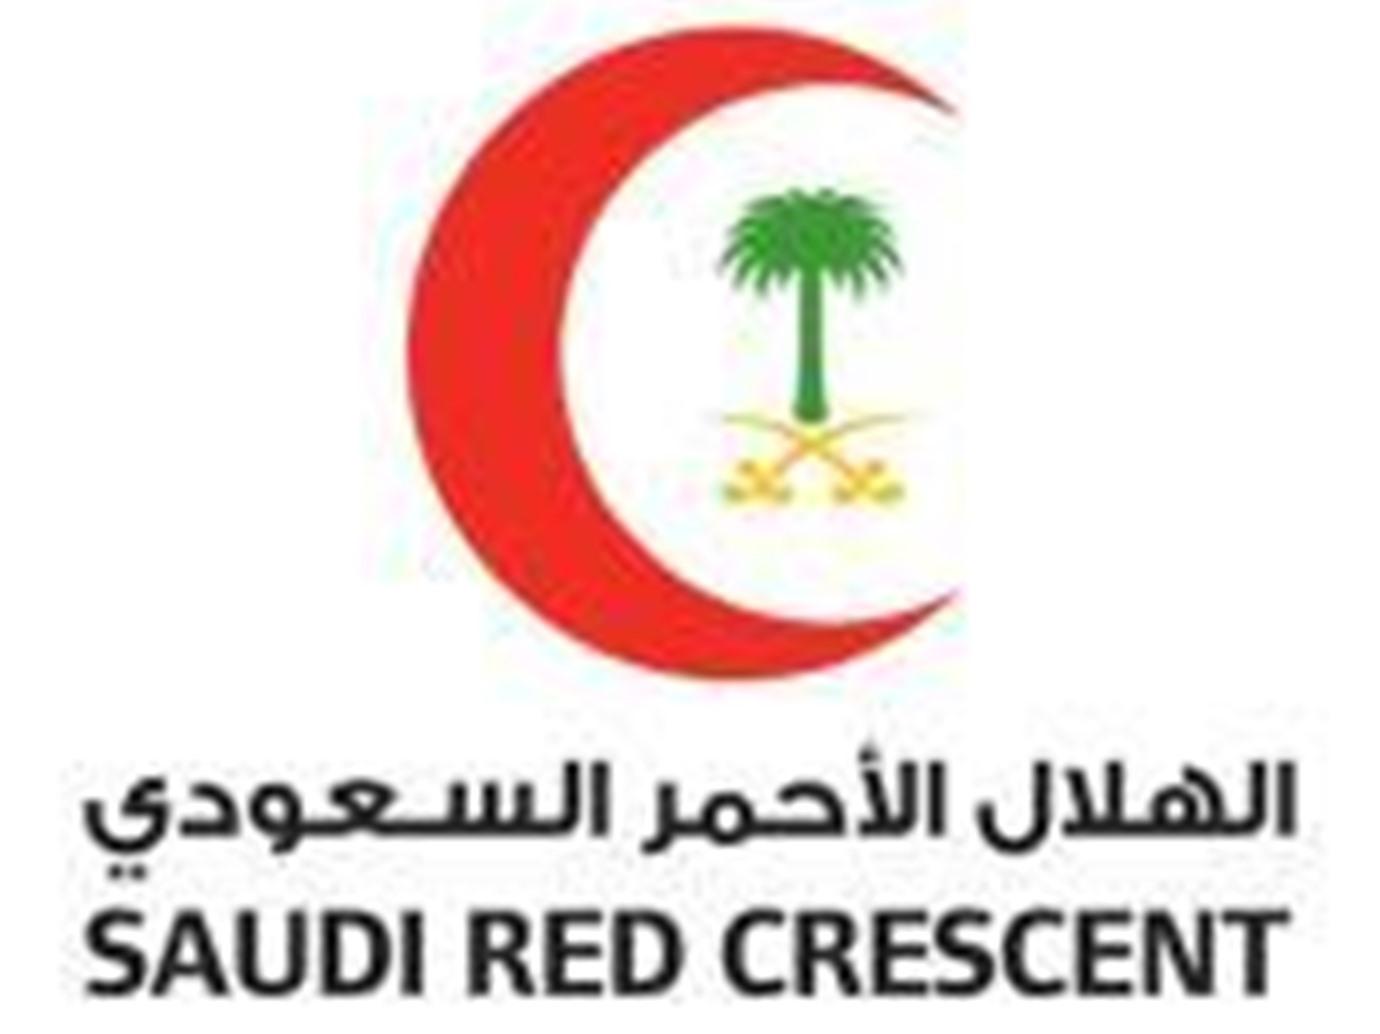 الهلال الأحمر السعودي يطلع على تجربة سترة الإسعاف المستخدمة ببعثة الحج القطرية